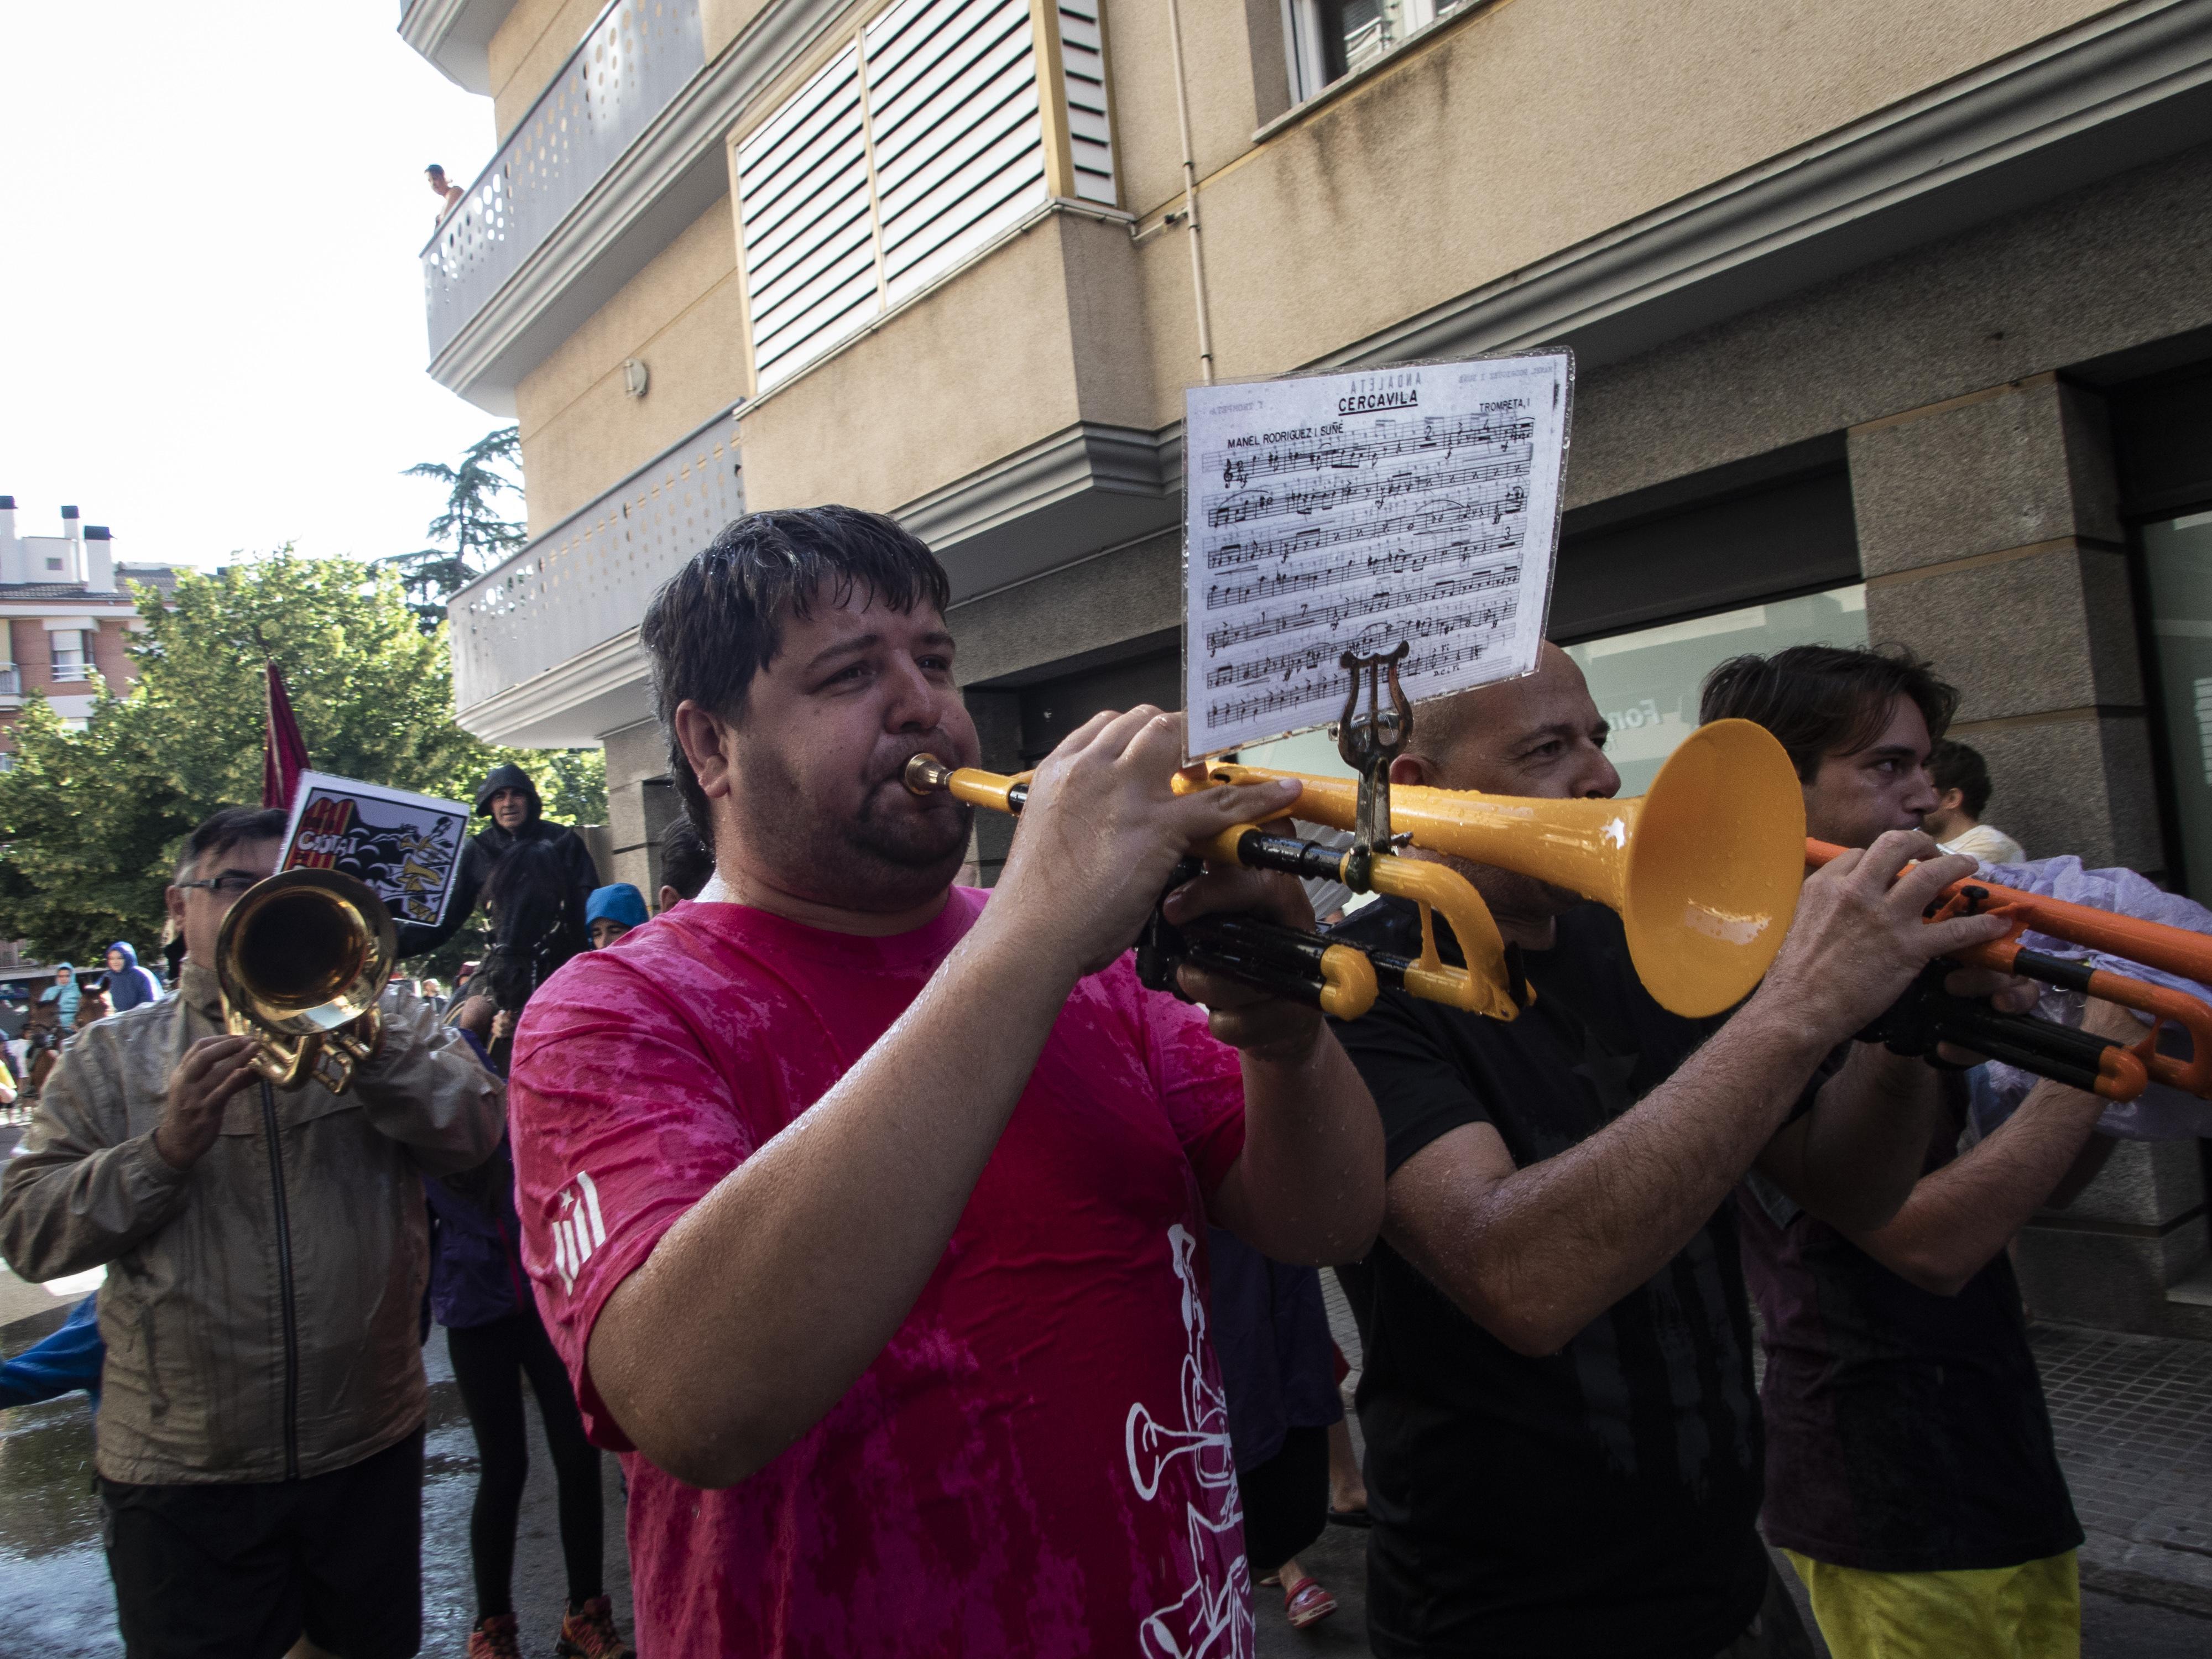 La música és una peça clau d'aquesta festa berguedana. FOTO: Anna E. Puig